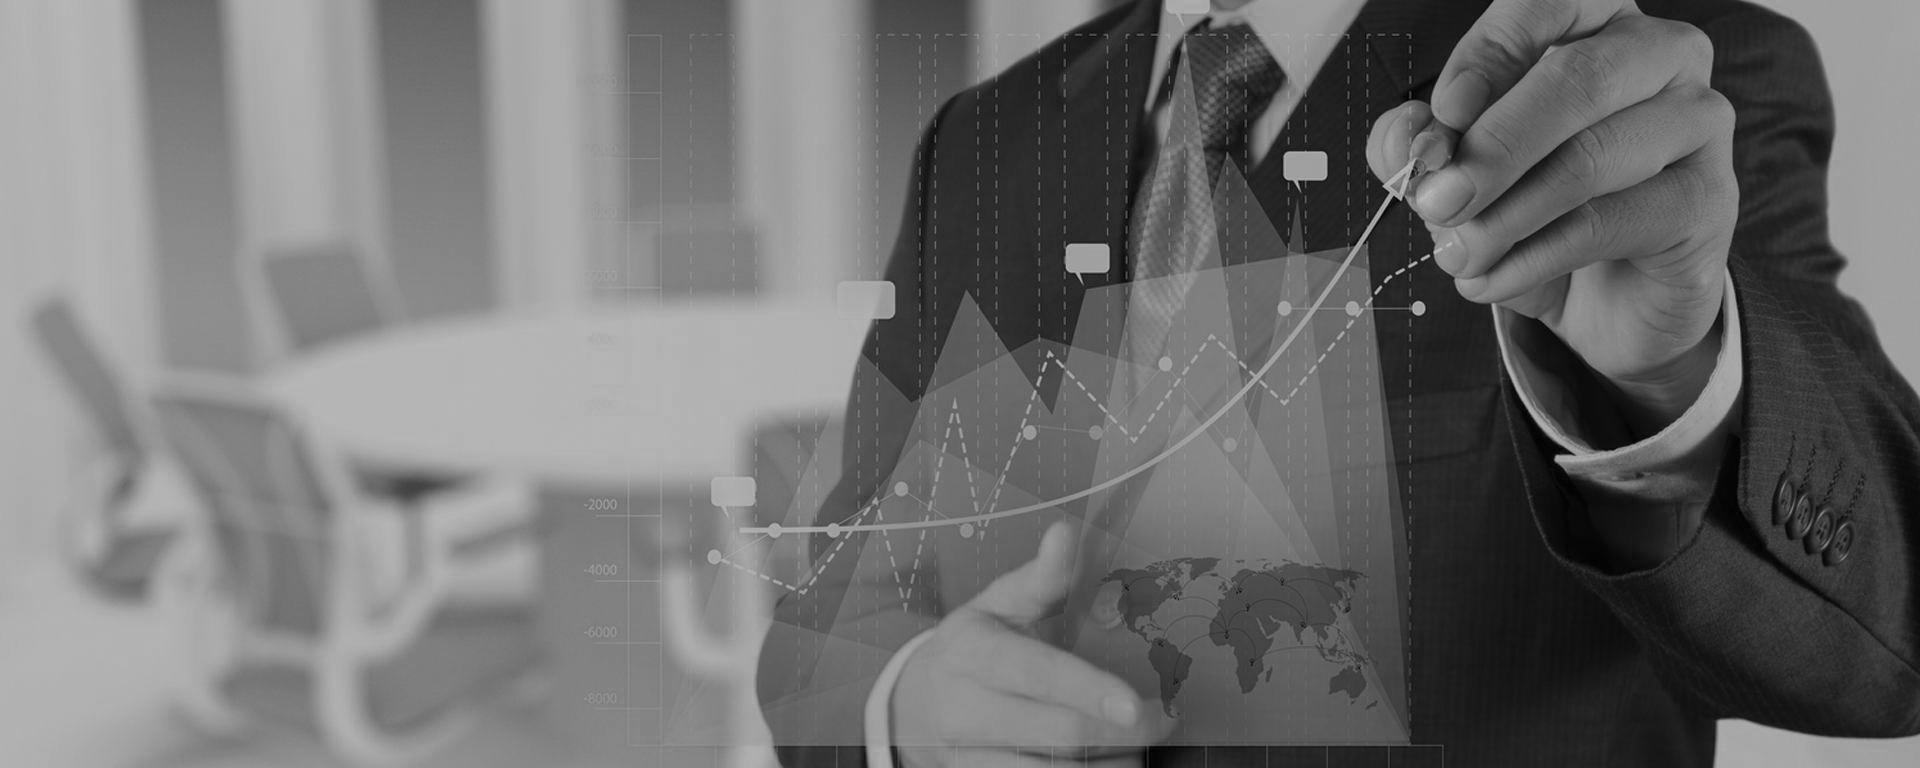 ebs-korporativnaya-diagnostika-predinvestacionaya-ekspertiza